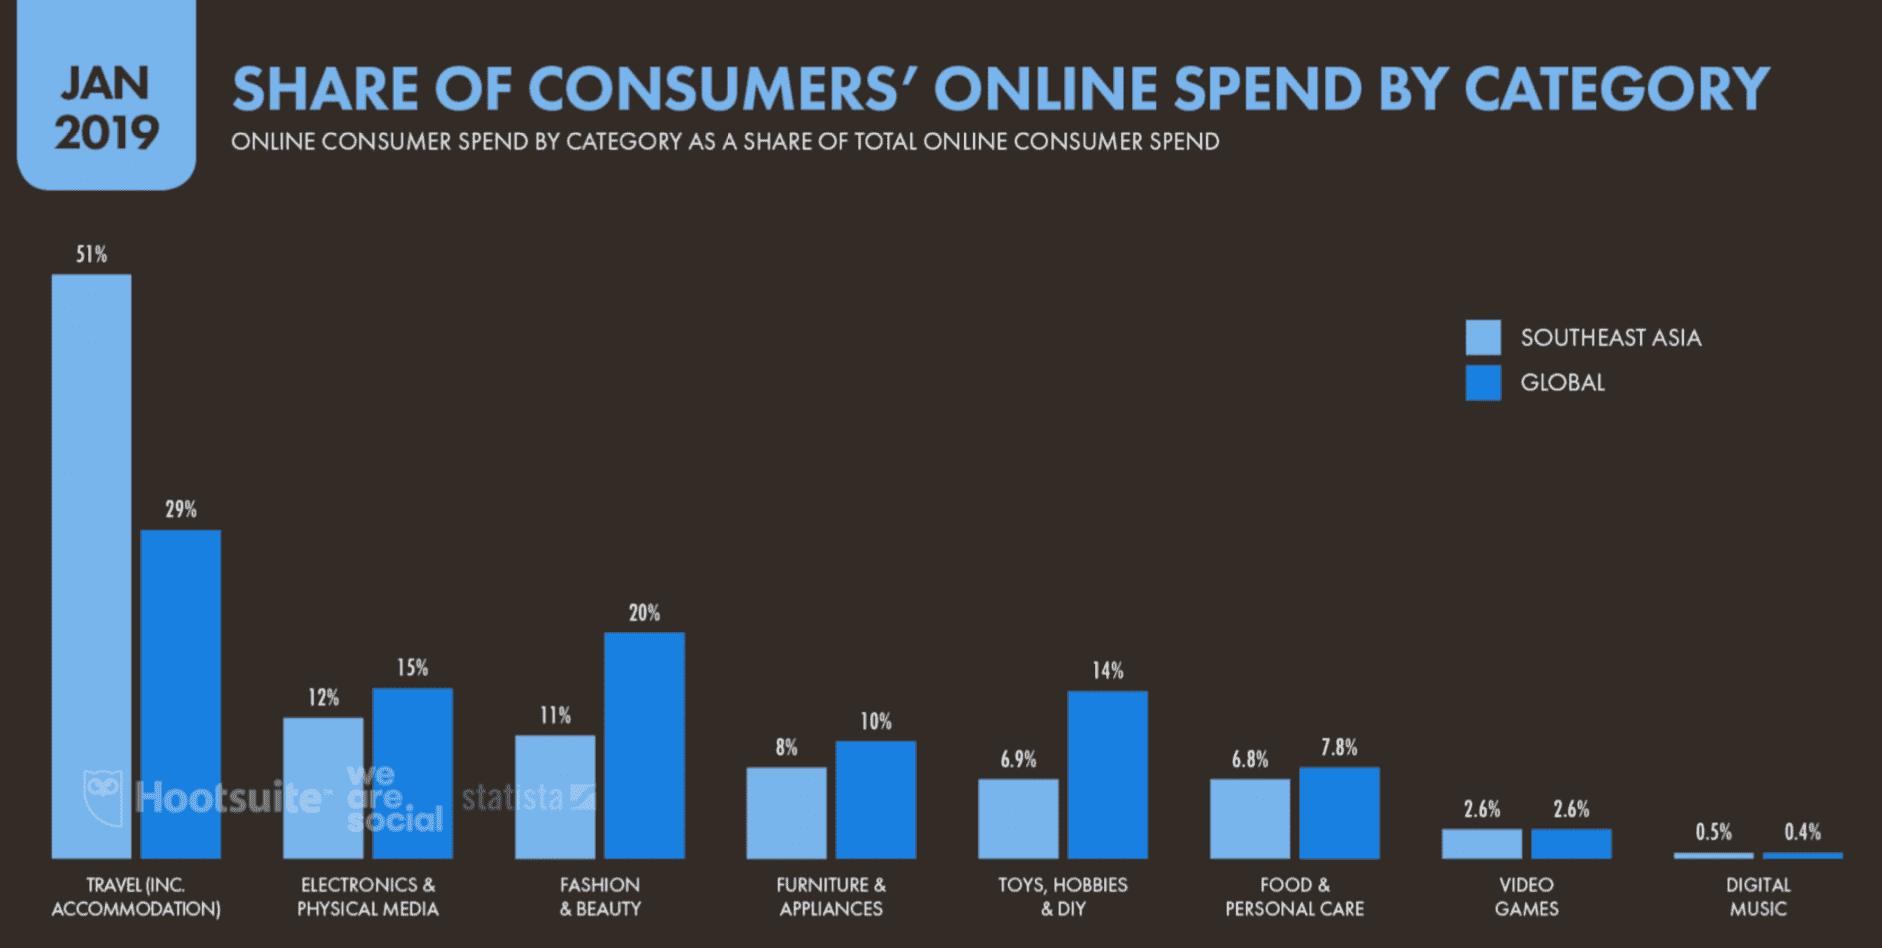 La part des dépenses en ligne des consommateurs par catégorie